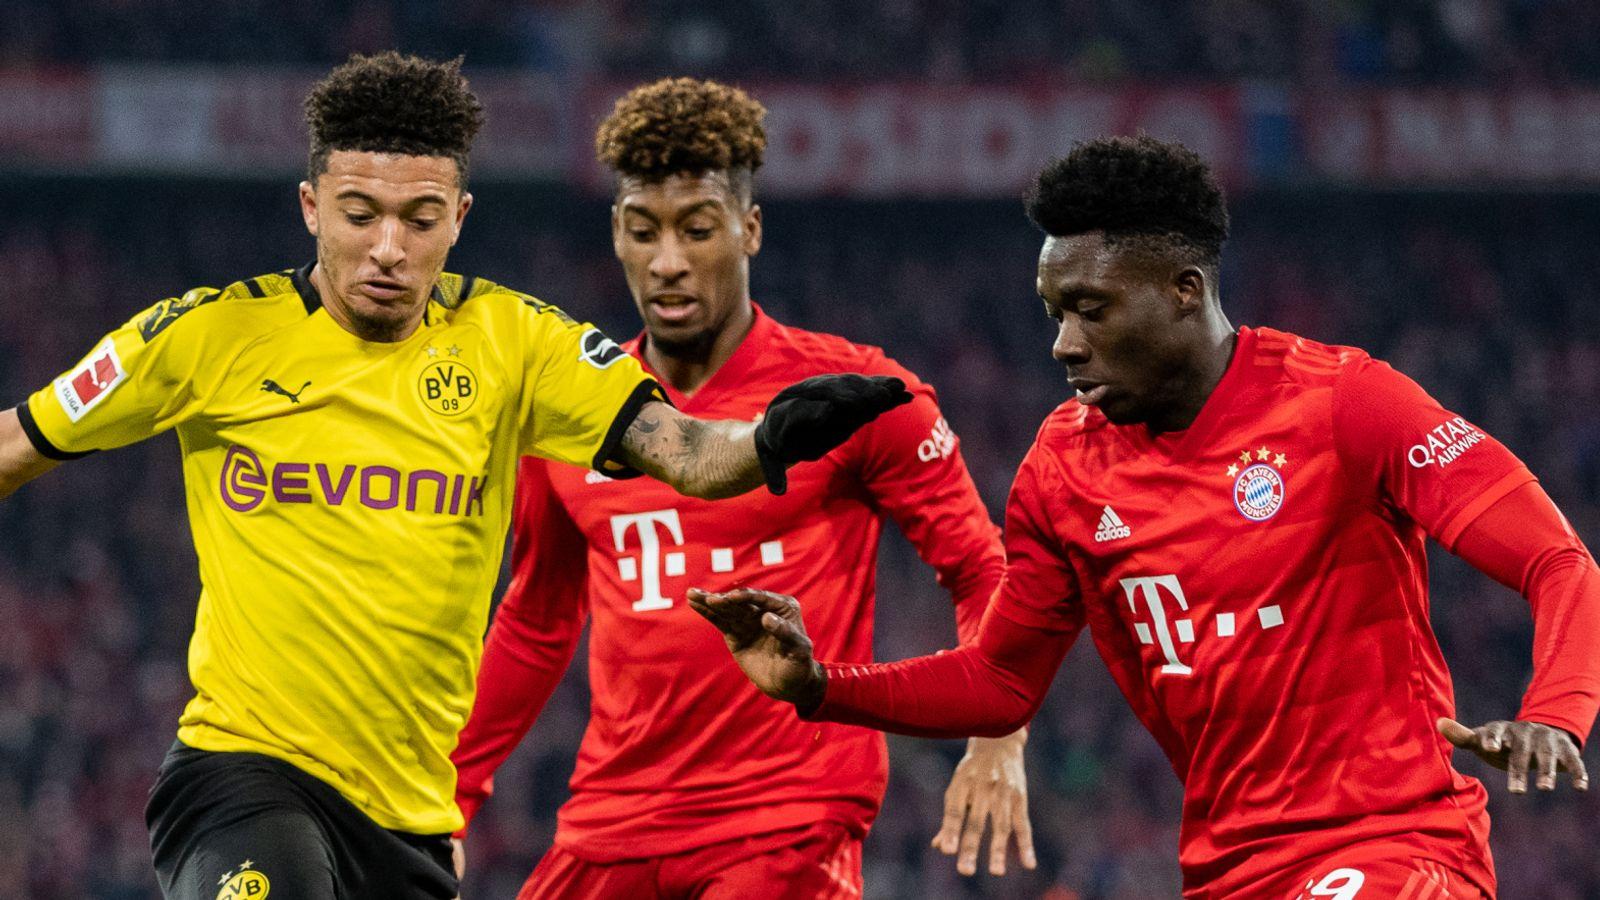 Bundesliga predictions: Dortmund or Bayern? Alan McInally on Der Klassiker and other Super 6 games